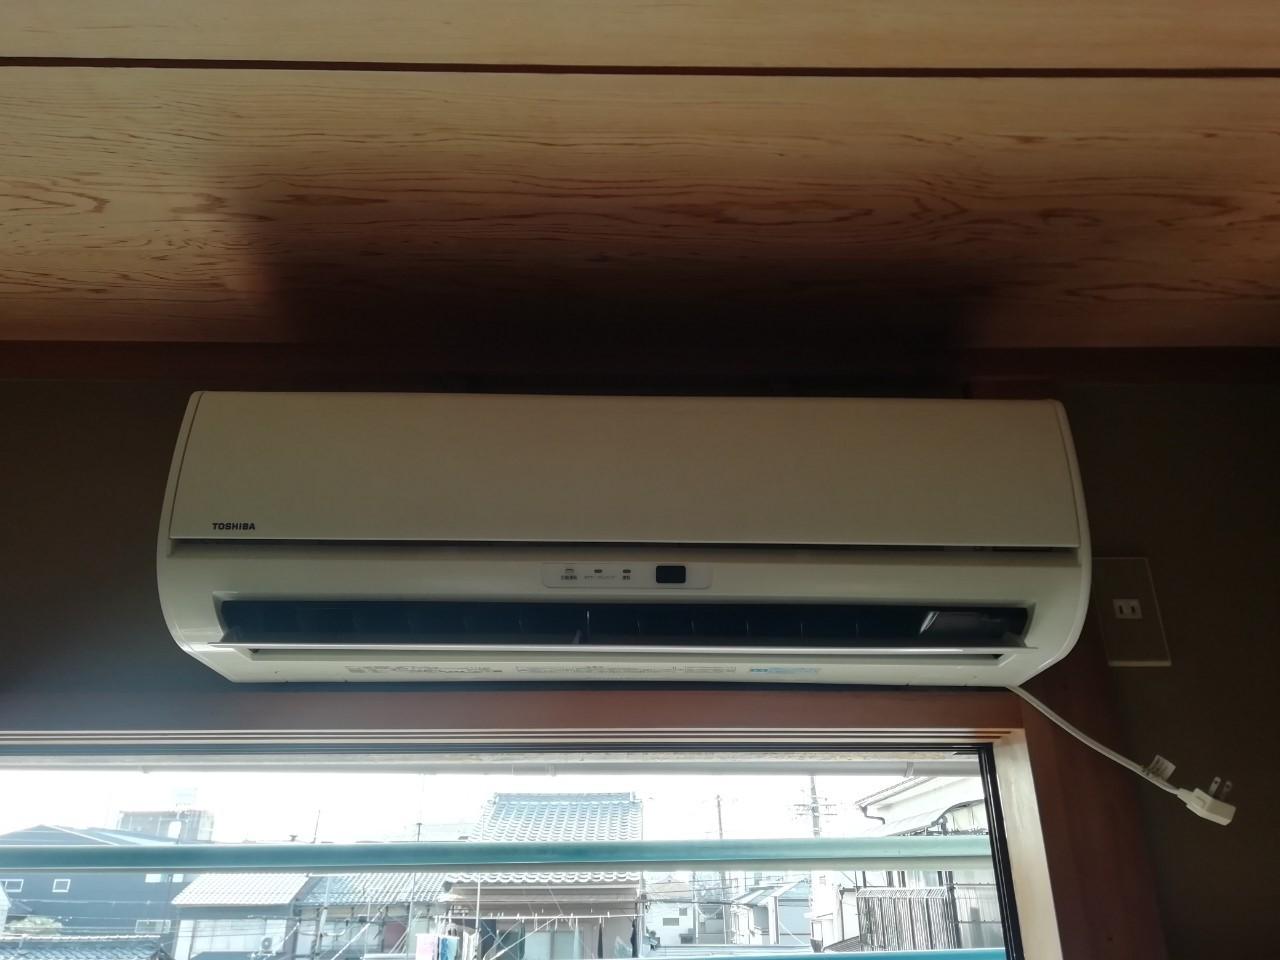 三菱 自動お掃除機能付きエアコンの取替え(MSZ-BXV2518)【京都市北区紫野】